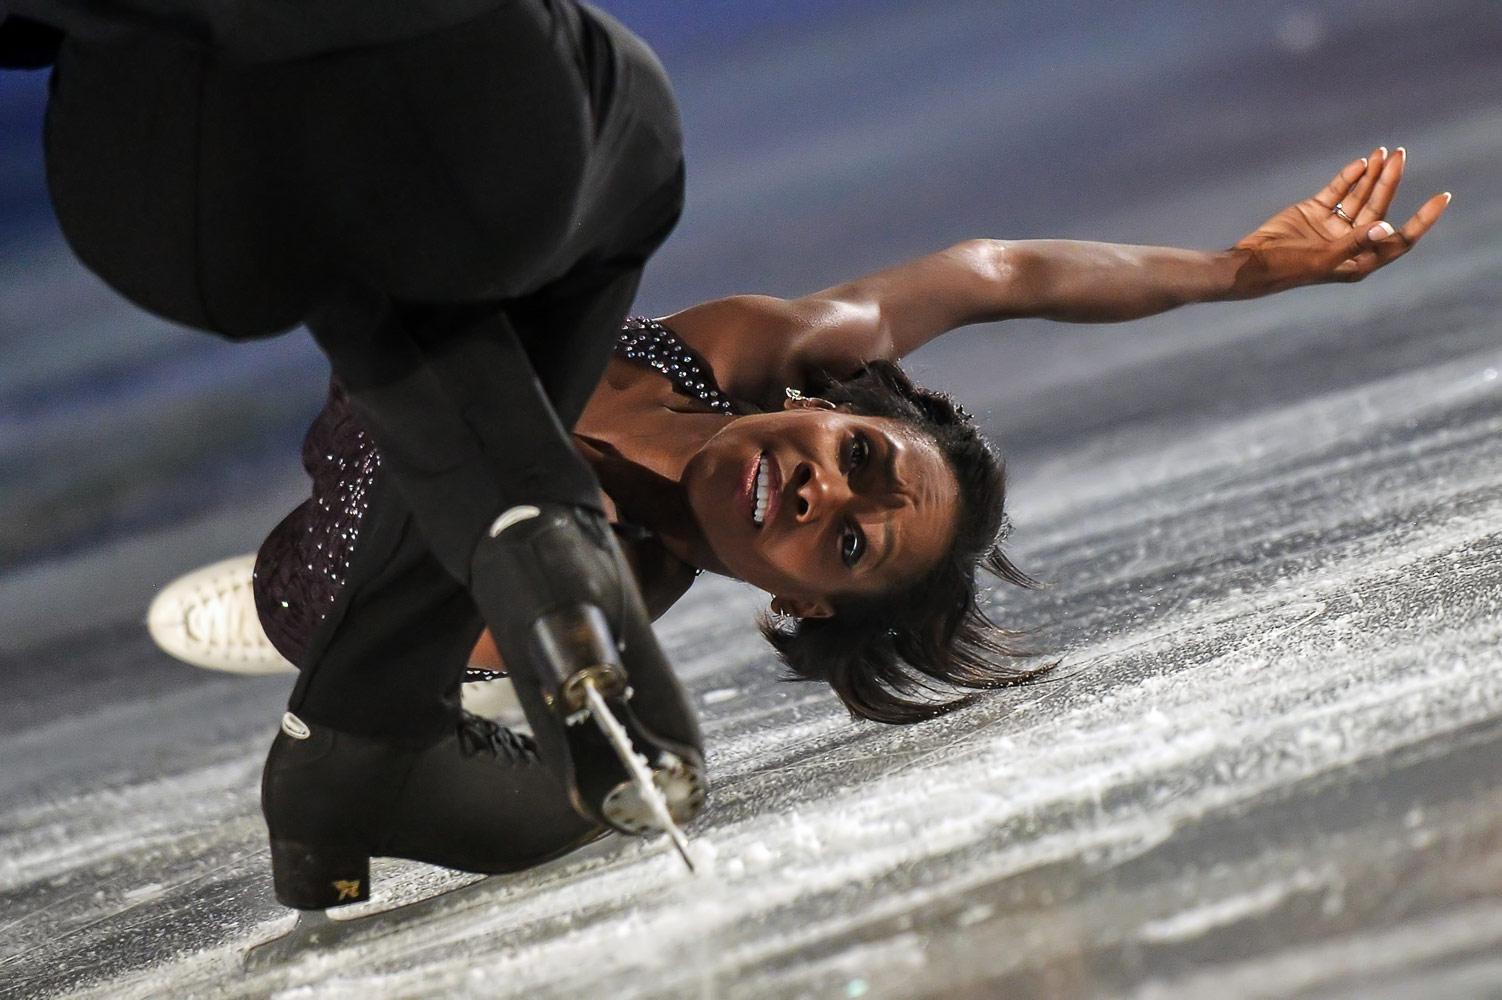 Владимир Песня, Спираль смерти, 3 место в номинации «Спорт», профессионалы, Фотоконкурс Nikon «Я в сердце изображения»